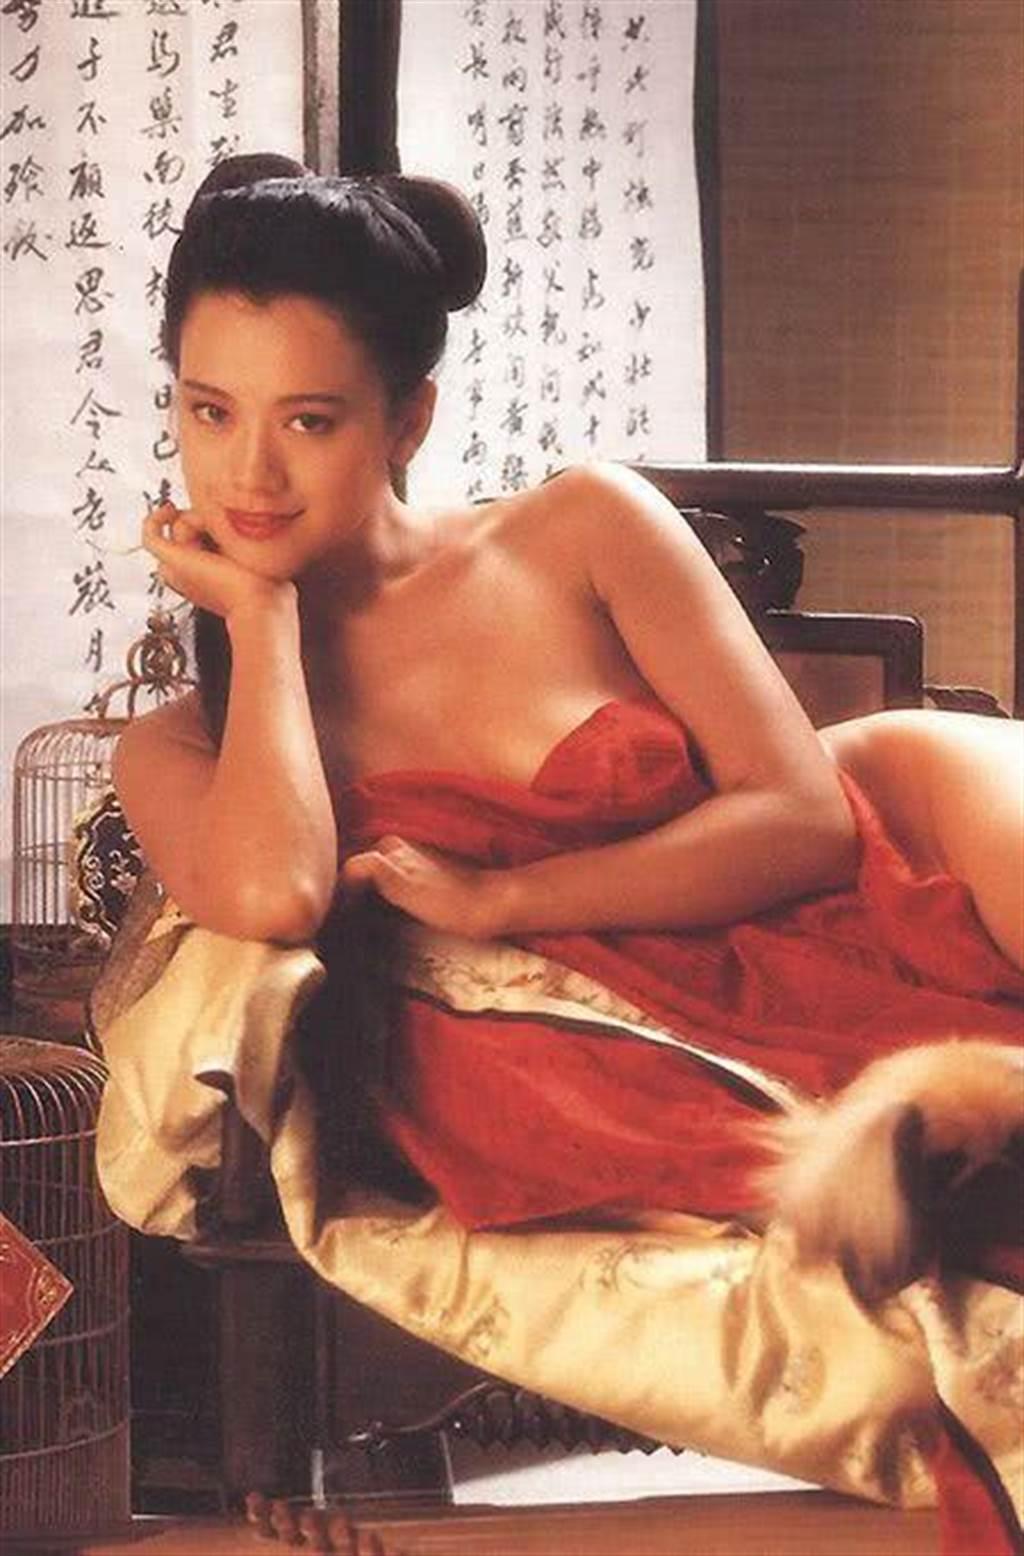 郭秀雲早期拍過三級片。(圖/翻攝自網路)